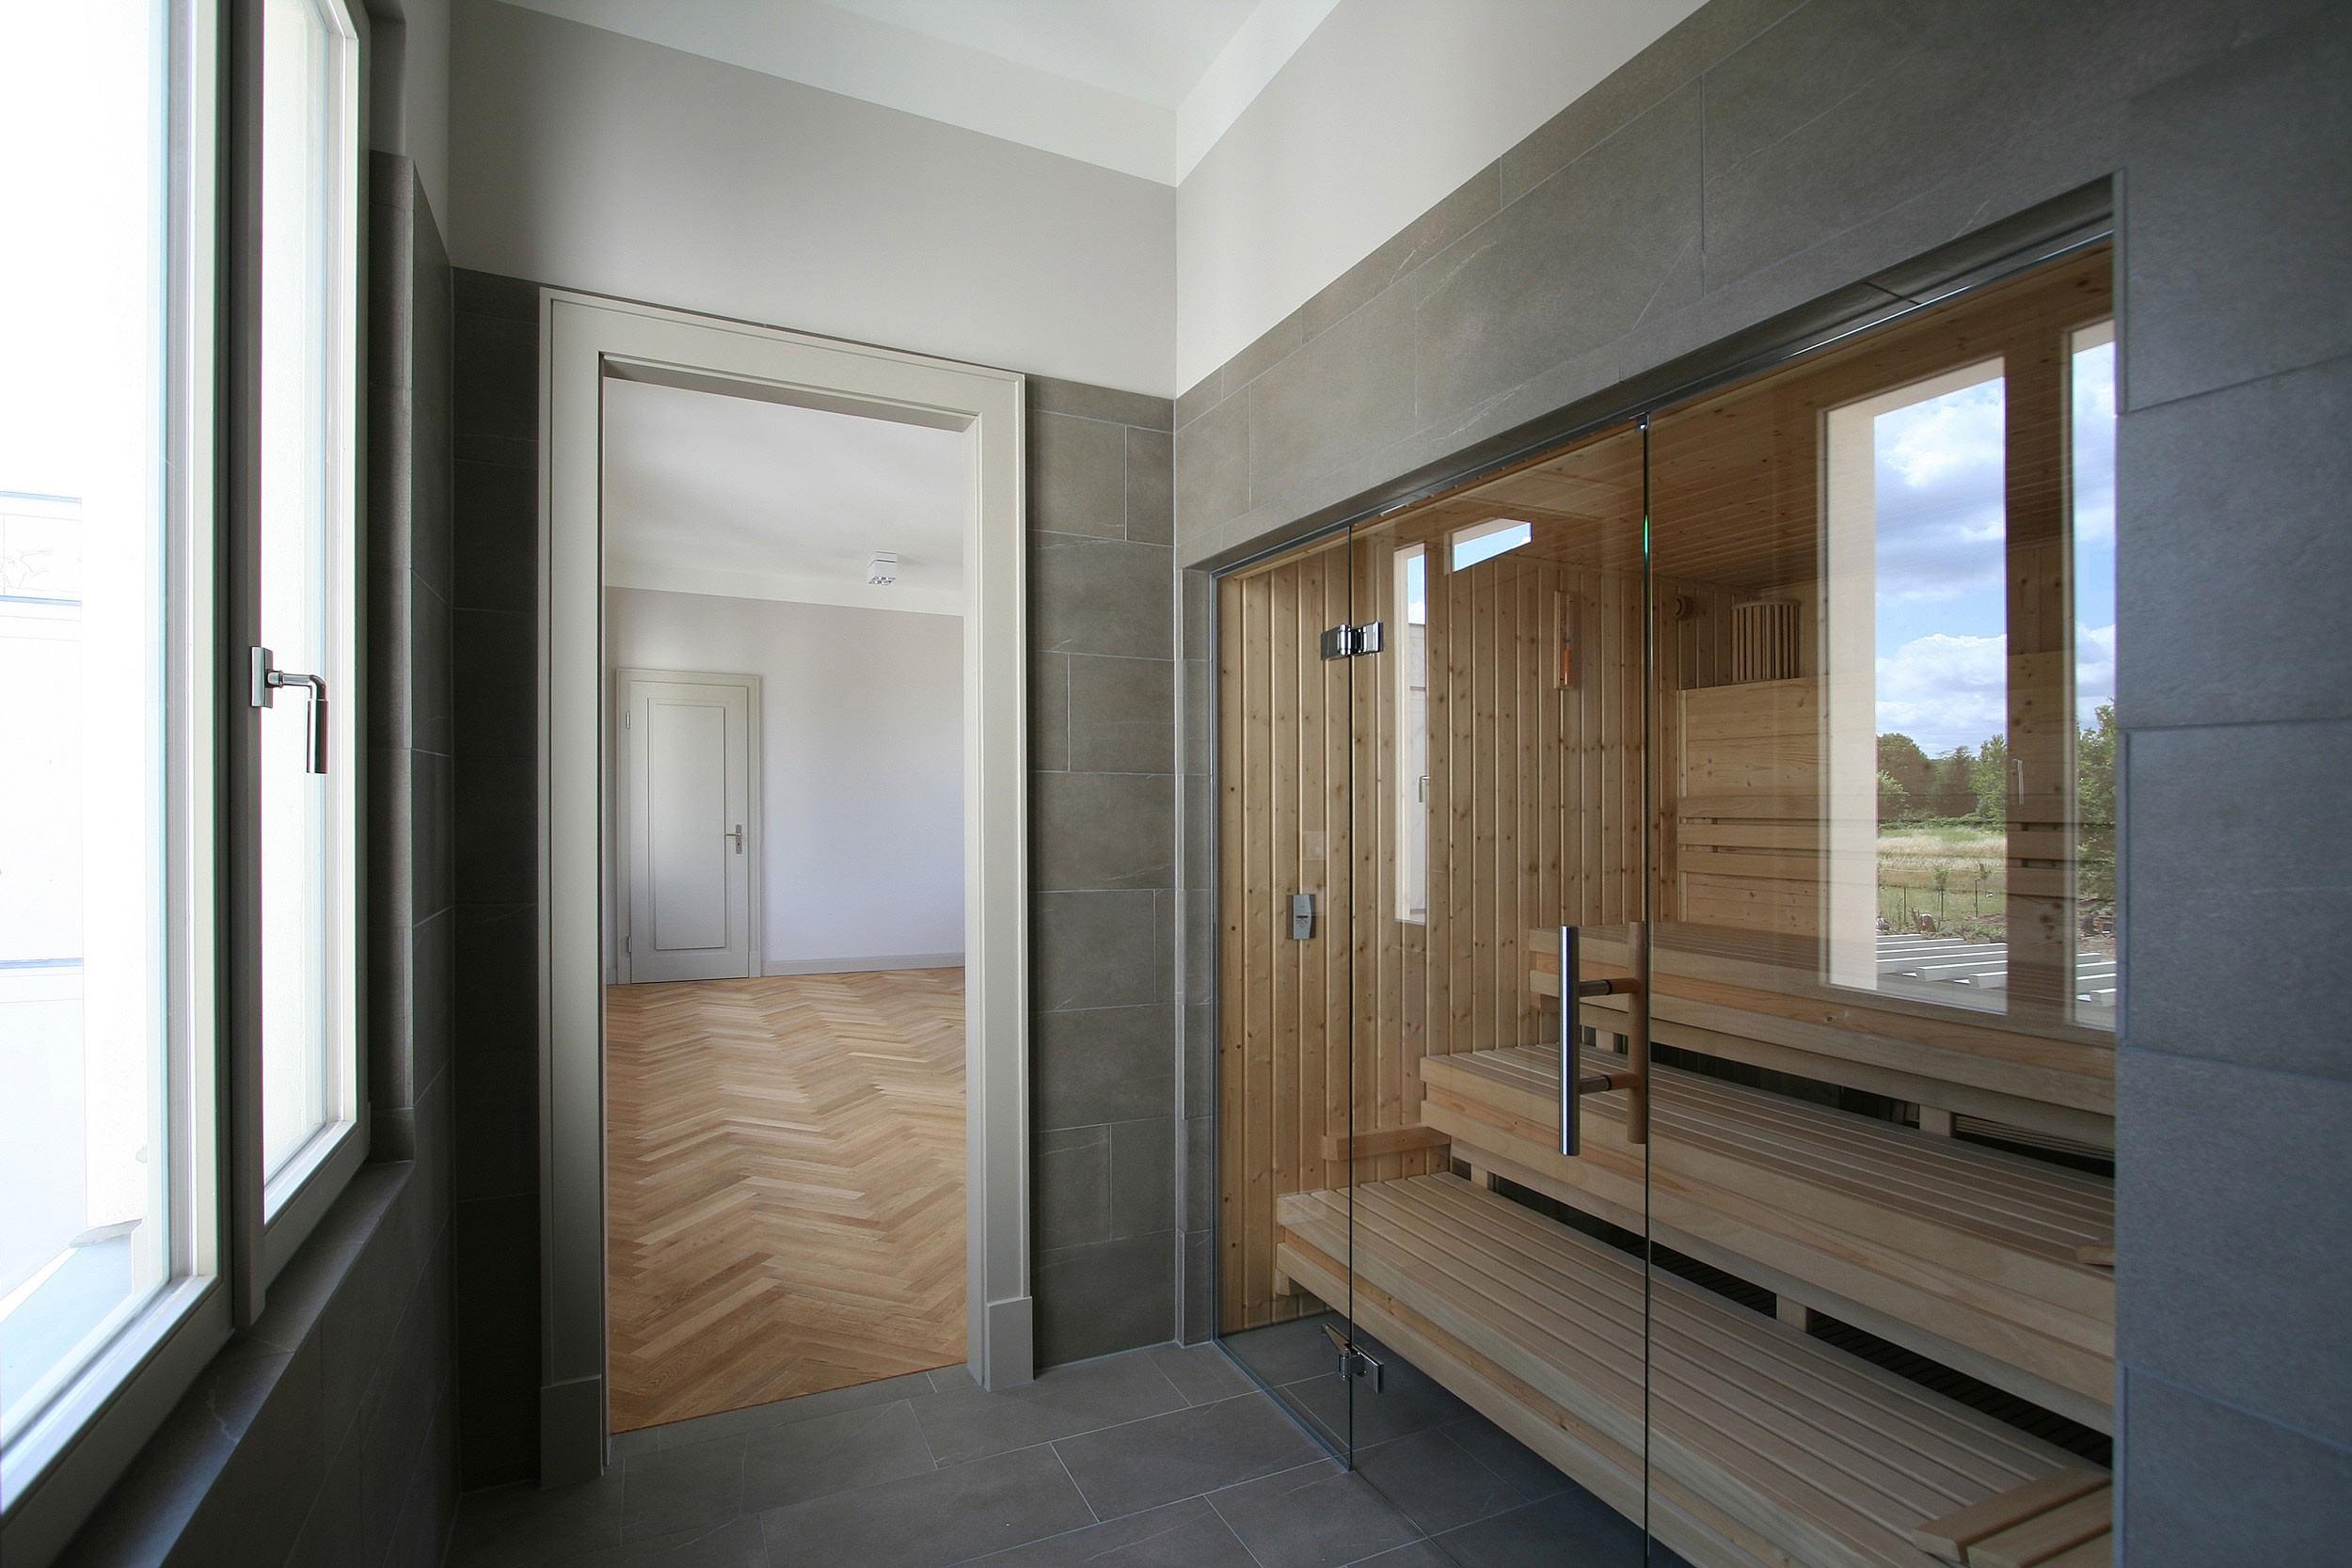 Klassik und Tradition - Im Obergeschoss der Villa befindet sich der SPA-Bereich mit Sauna. Durch die Vollverglasung hat man Aussicht in den Garten.